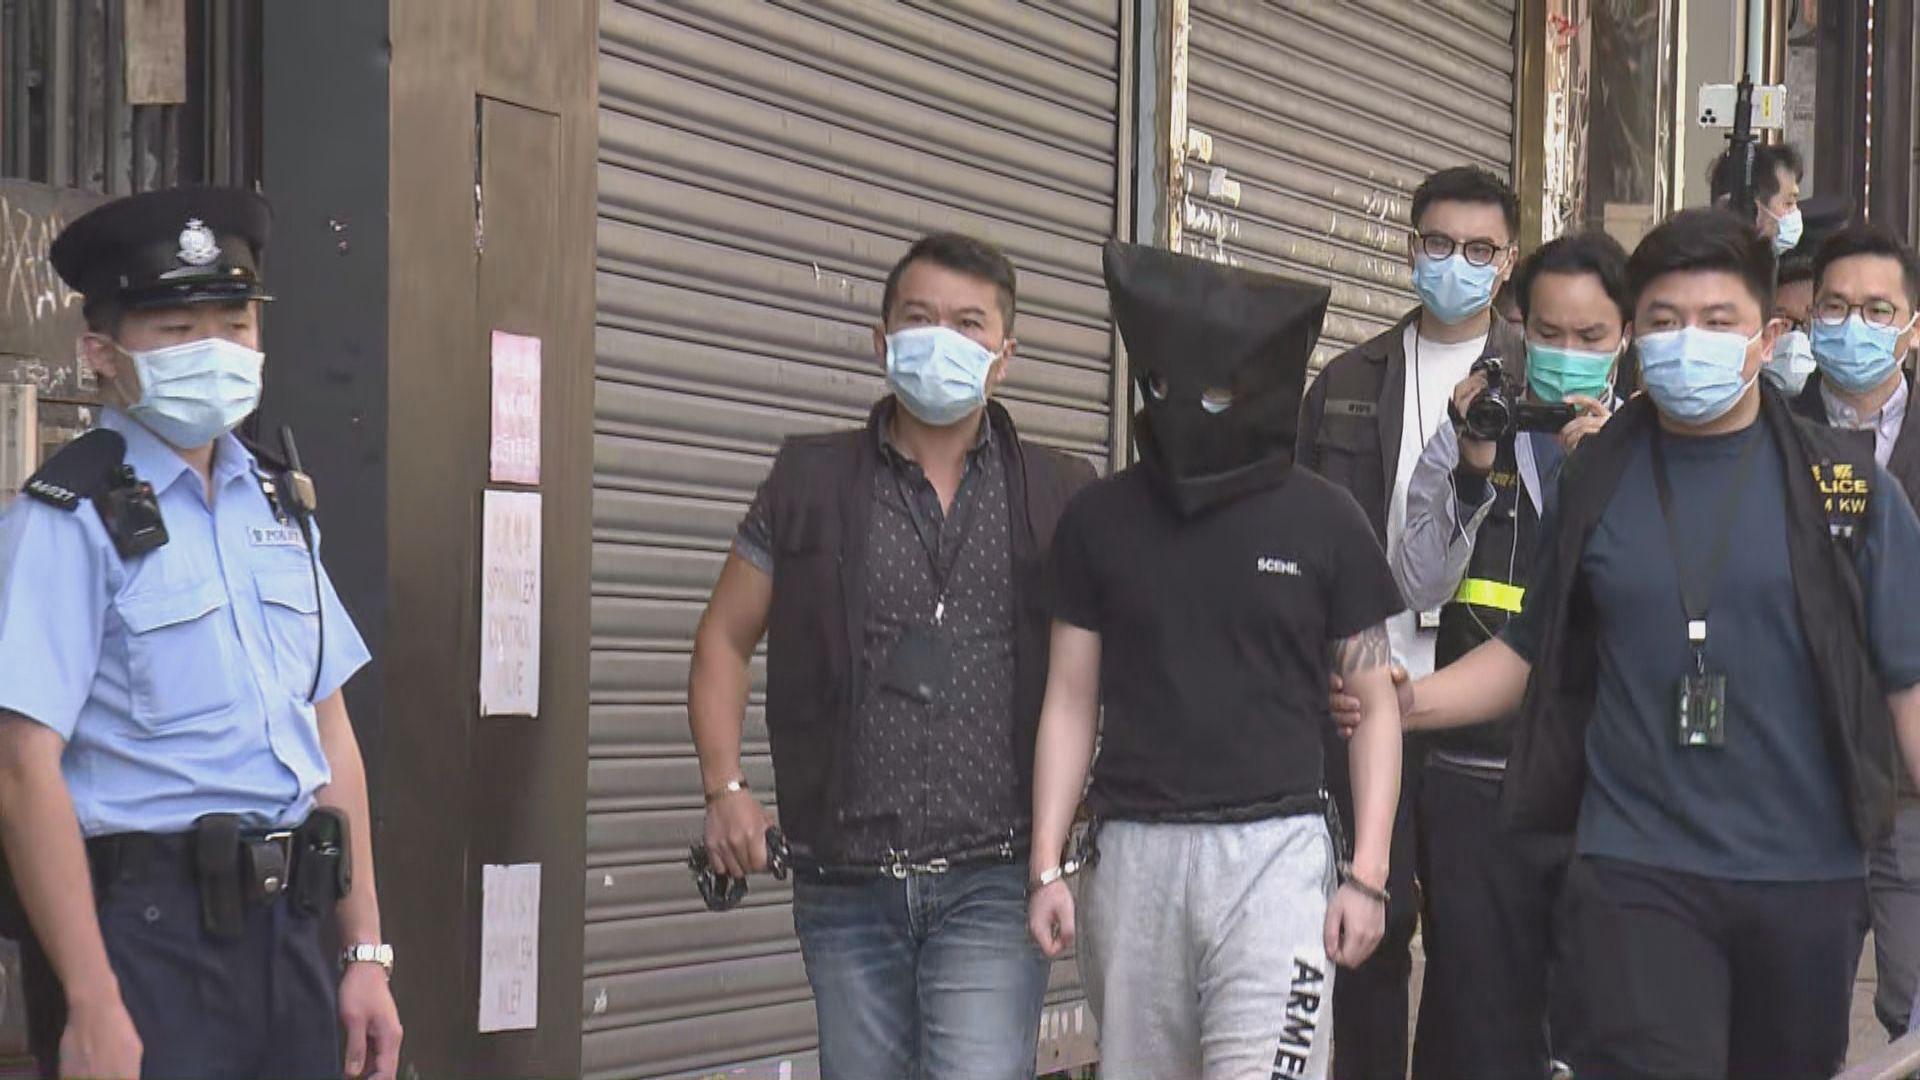 尖沙咀酒吧謀殺案至今四人被捕 警方重組案情